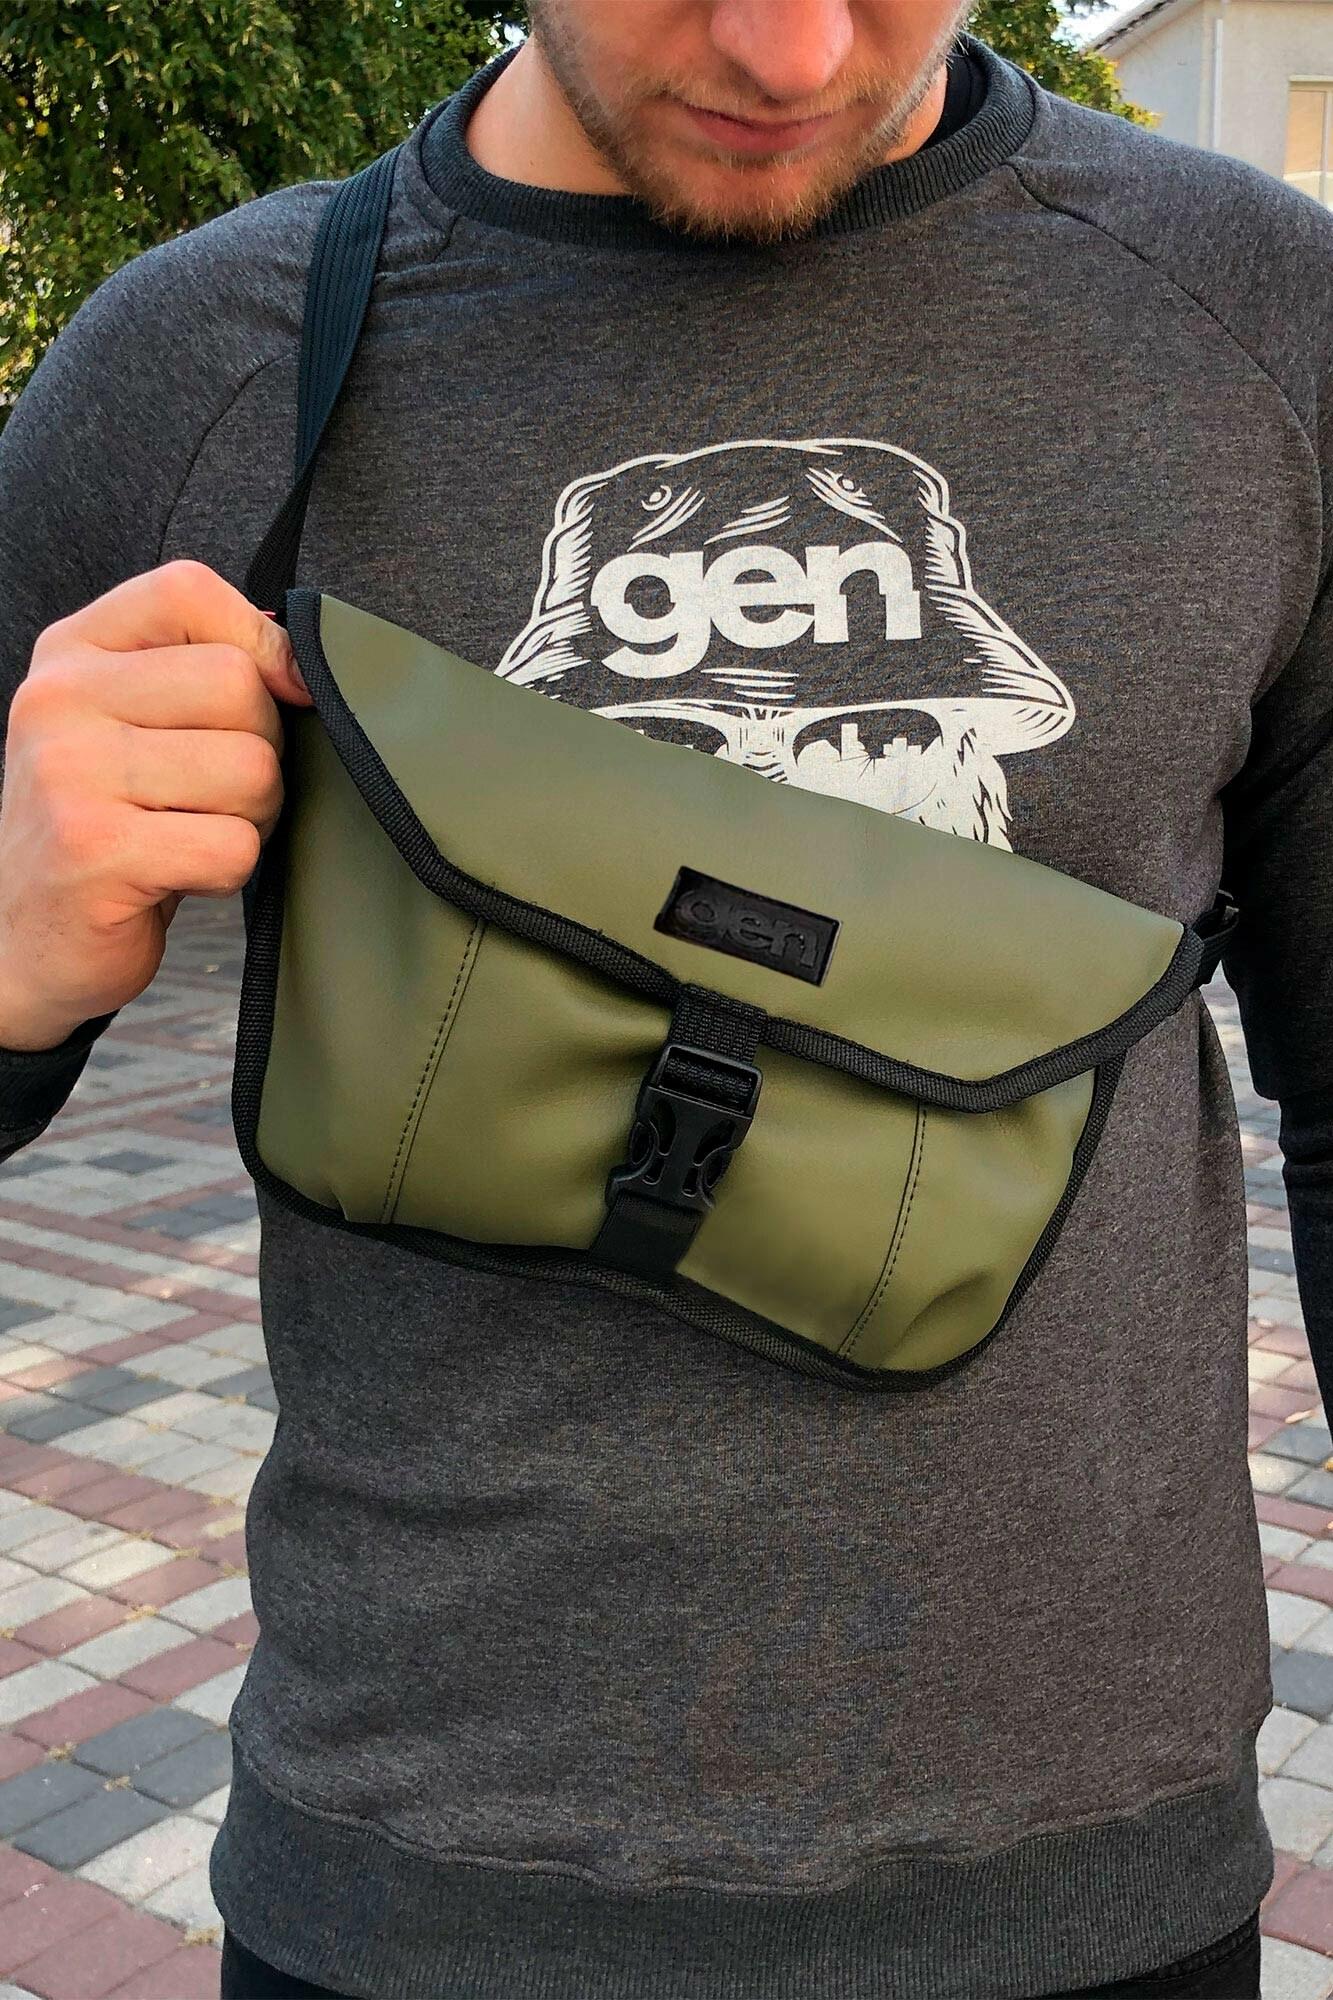 Прямоугольная сумка на пояс бананка оливкового цвета с клапаном и фастексом